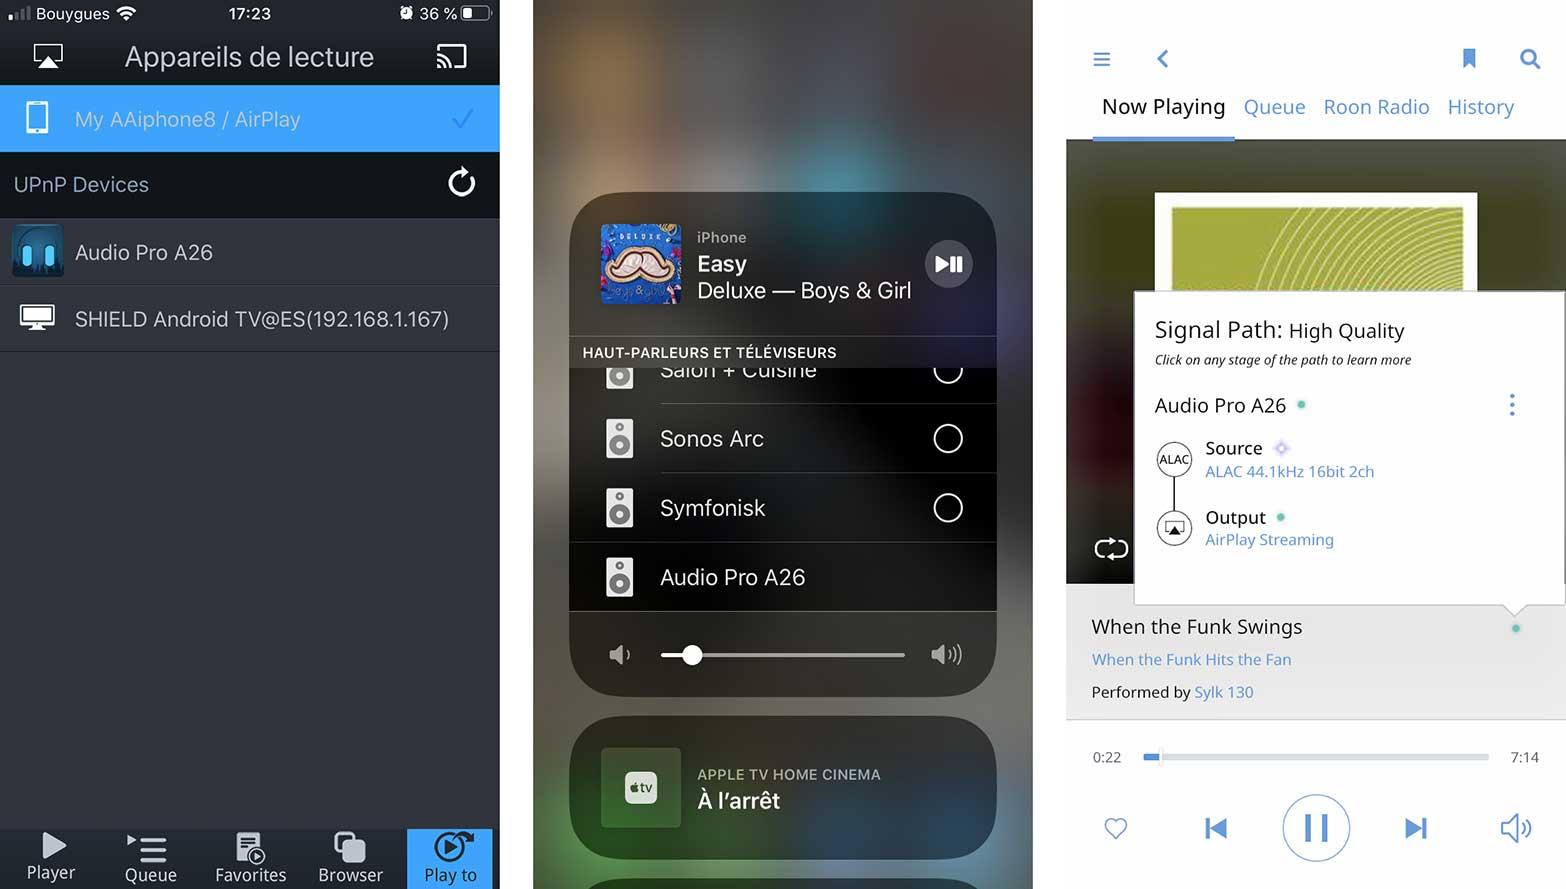 Les enceintes Audio Pro A26 se retrouvent entre autre dans mconnect, le menu AirPlay de l'iPhone ou encore Roon.